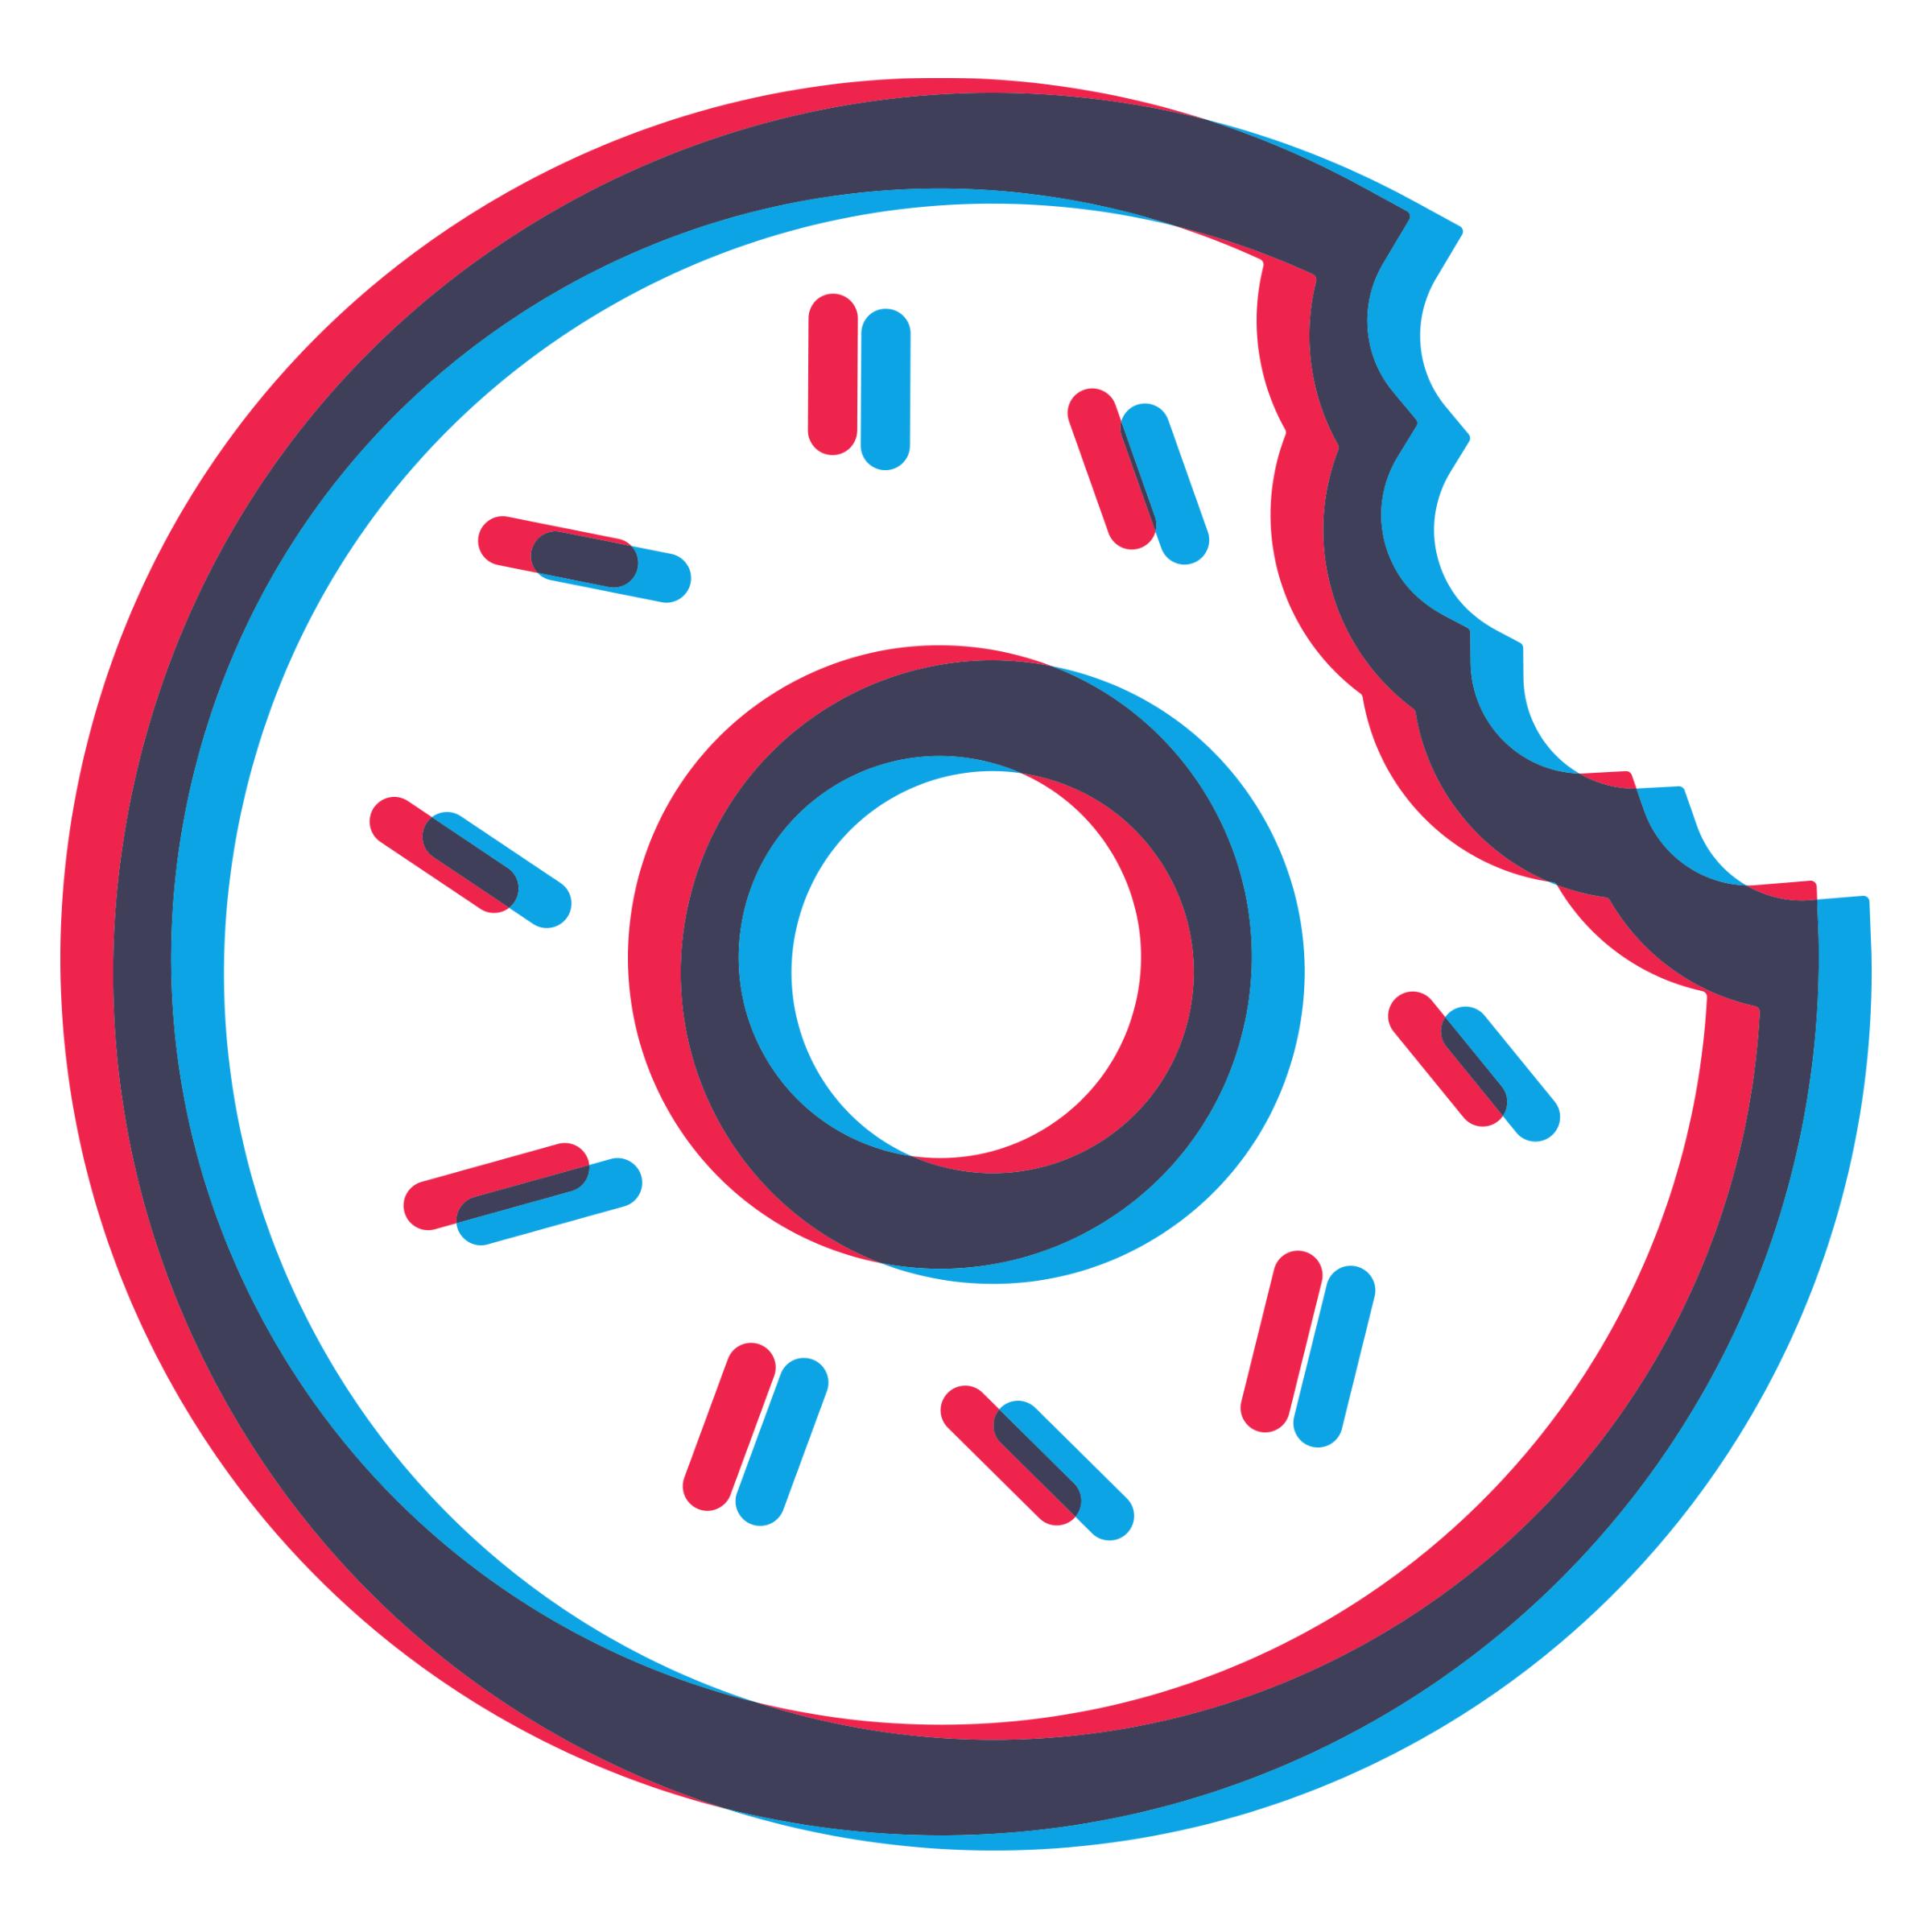 3-Donut